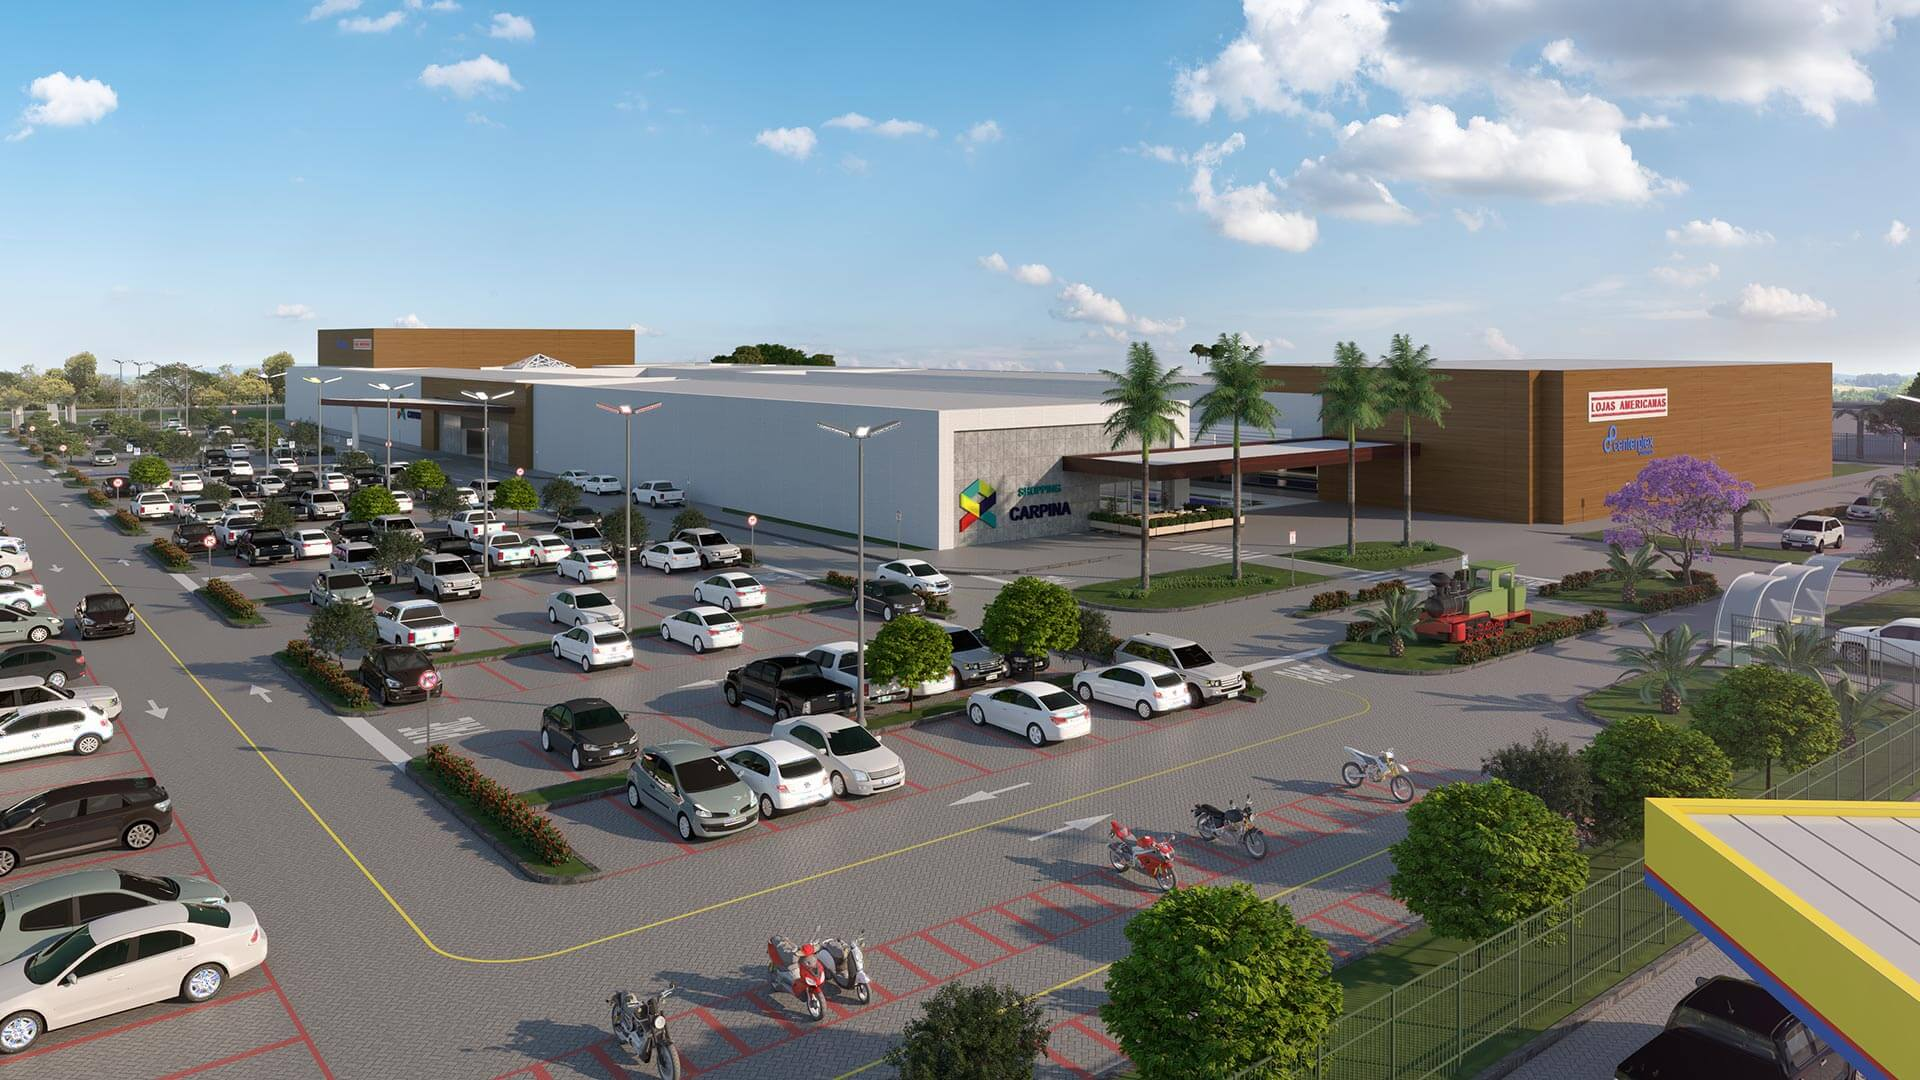 Vista aérea panorâmica do Shopping Carpina, com estacionamento cheio